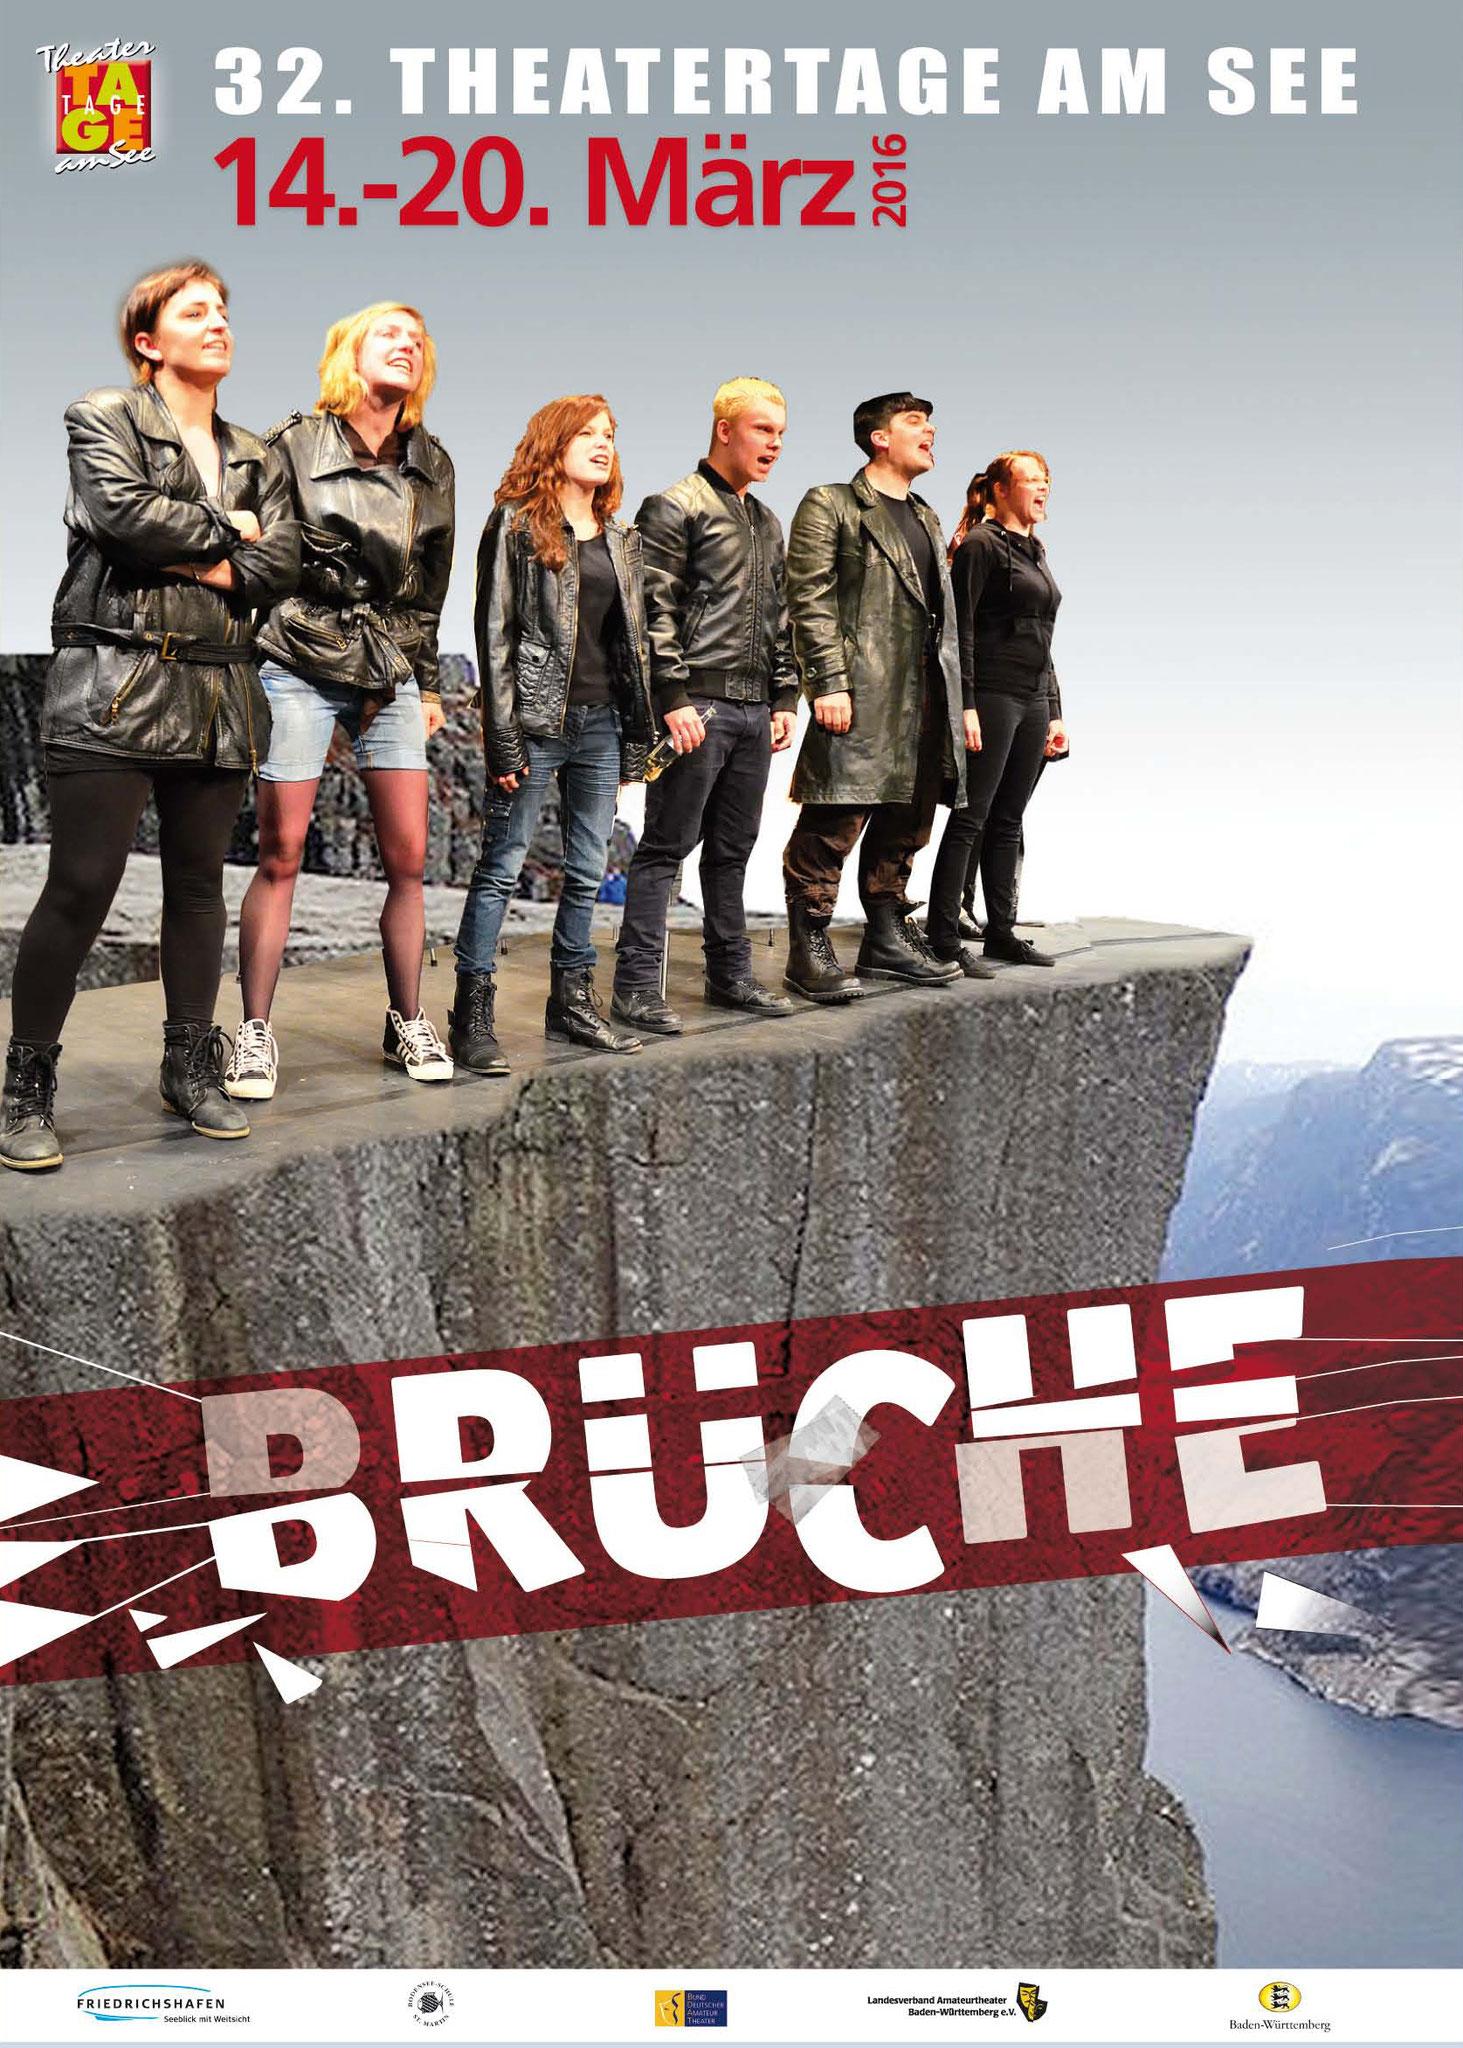 Theatertage Plakat von Christine Winghardt Friedrichshafen